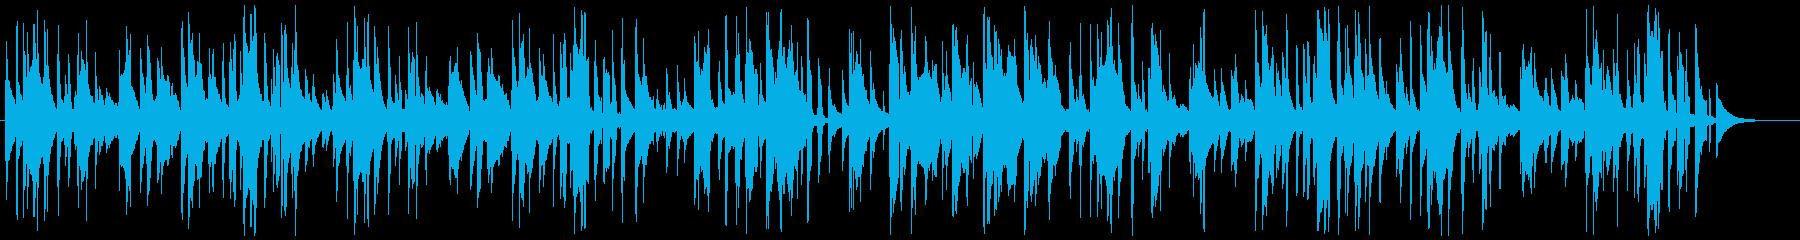 口笛とウクレレによる、のどかでゆるい曲の再生済みの波形